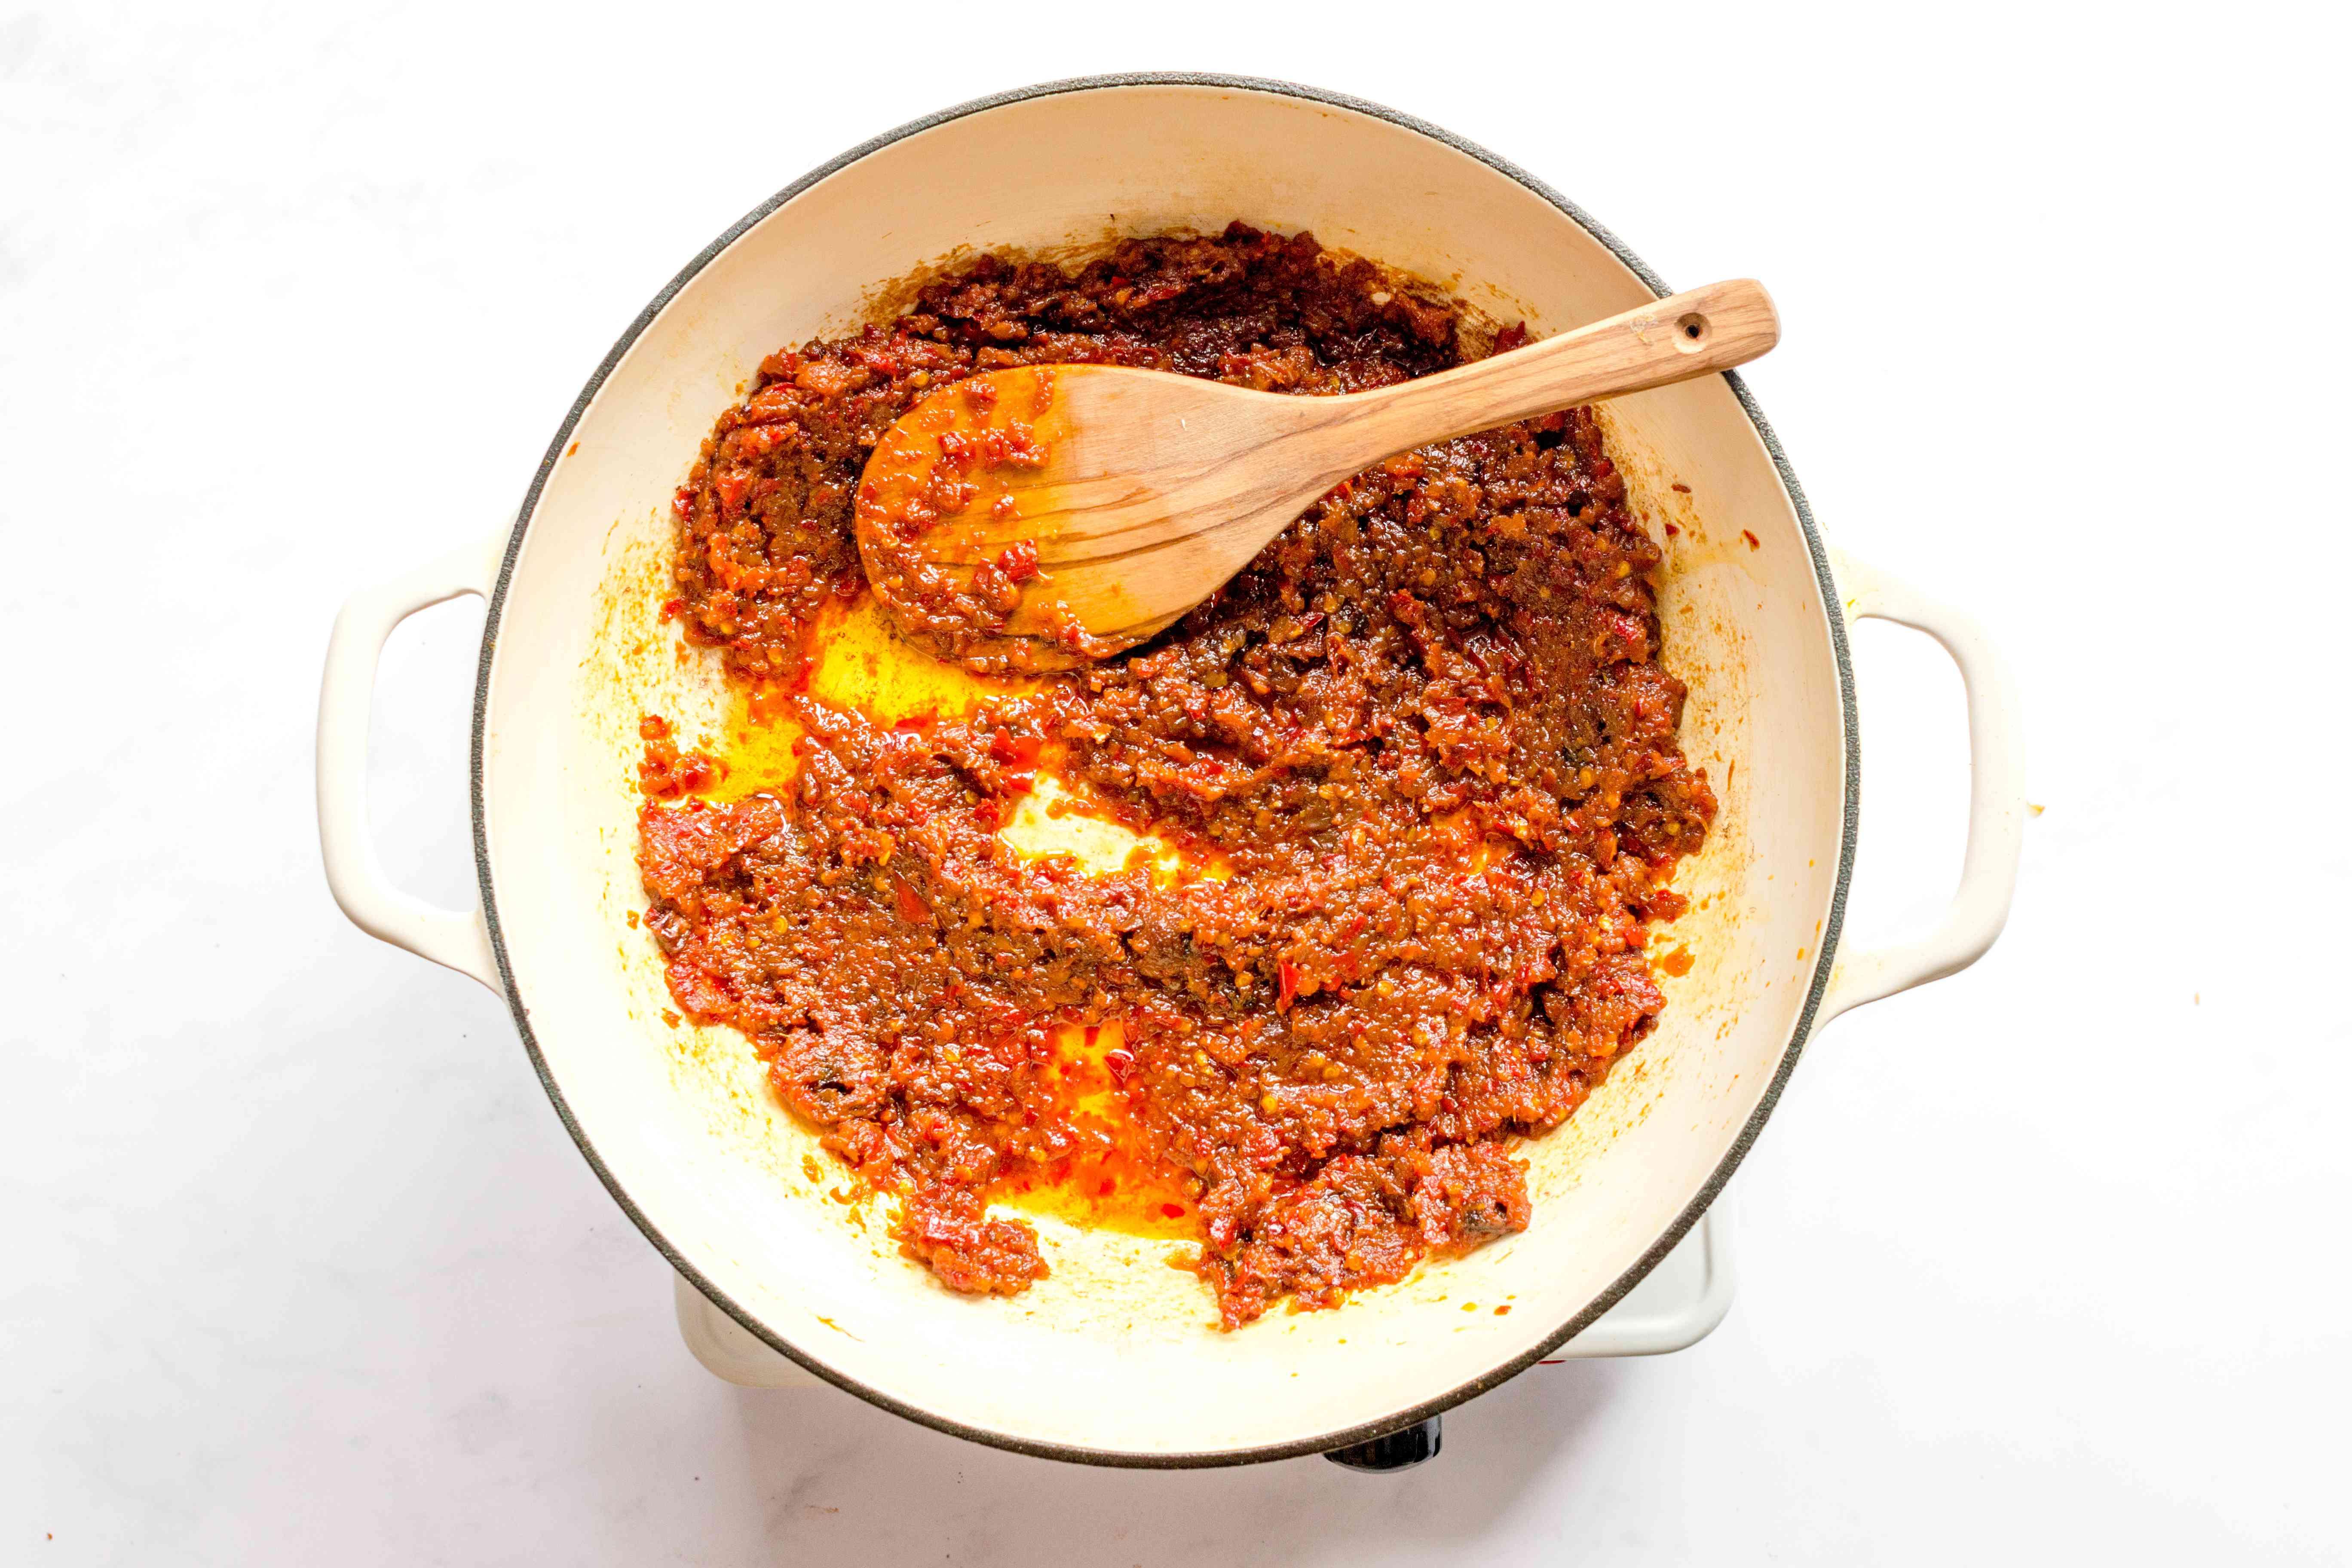 Malaysian sambal sauce in skillet